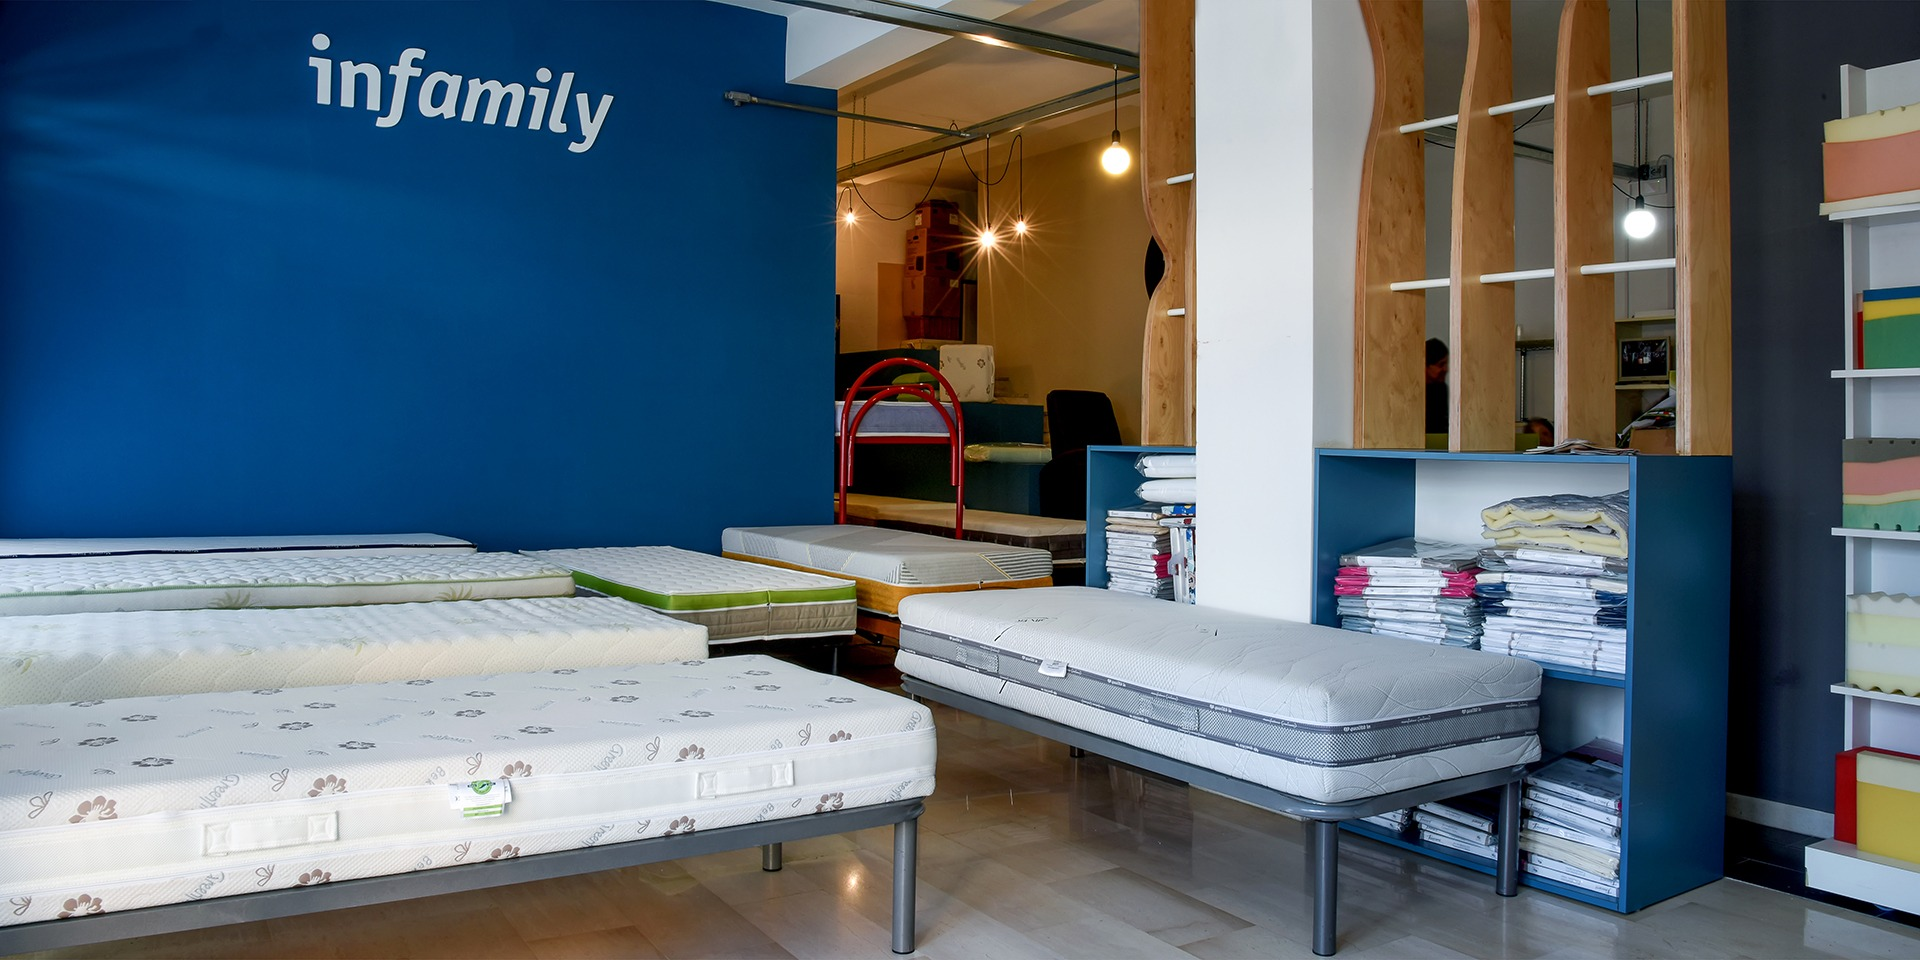 Infamily - Vendita materassi online, reti e cuscini made in Italy